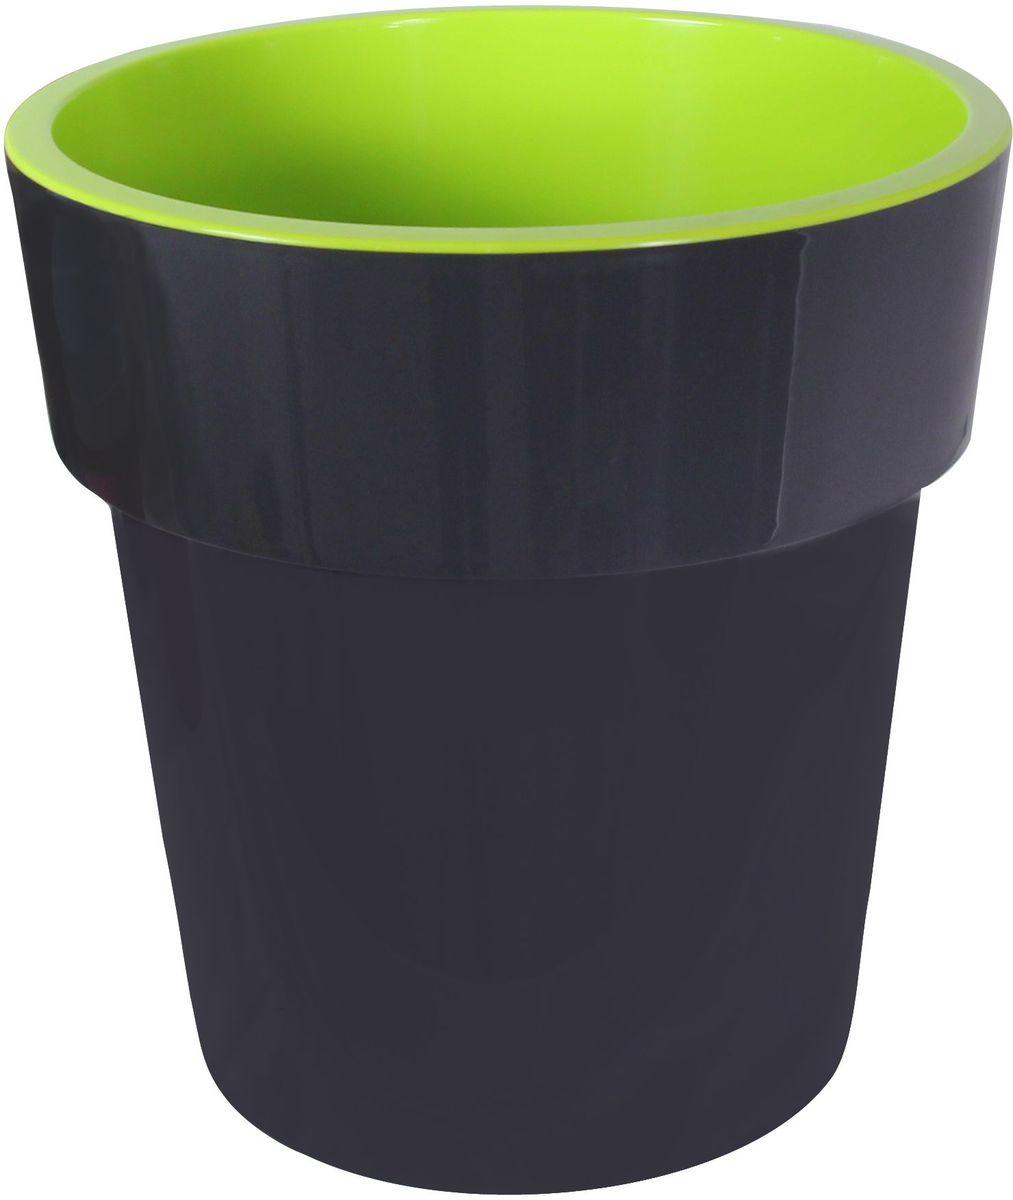 Кашпо Idea Тубус, цвет: графитовый, диаметр 25 смМ 3166Кашпо Idea Тубус изготовлено из прочного пластика. Изделие прекрасно подходит для выращивания растений и цветов в домашних условиях. Стильный современный дизайн органично впишется в интерьер помещения.Диаметр кашпо: 25 см. Высота кашпо: 25 см.